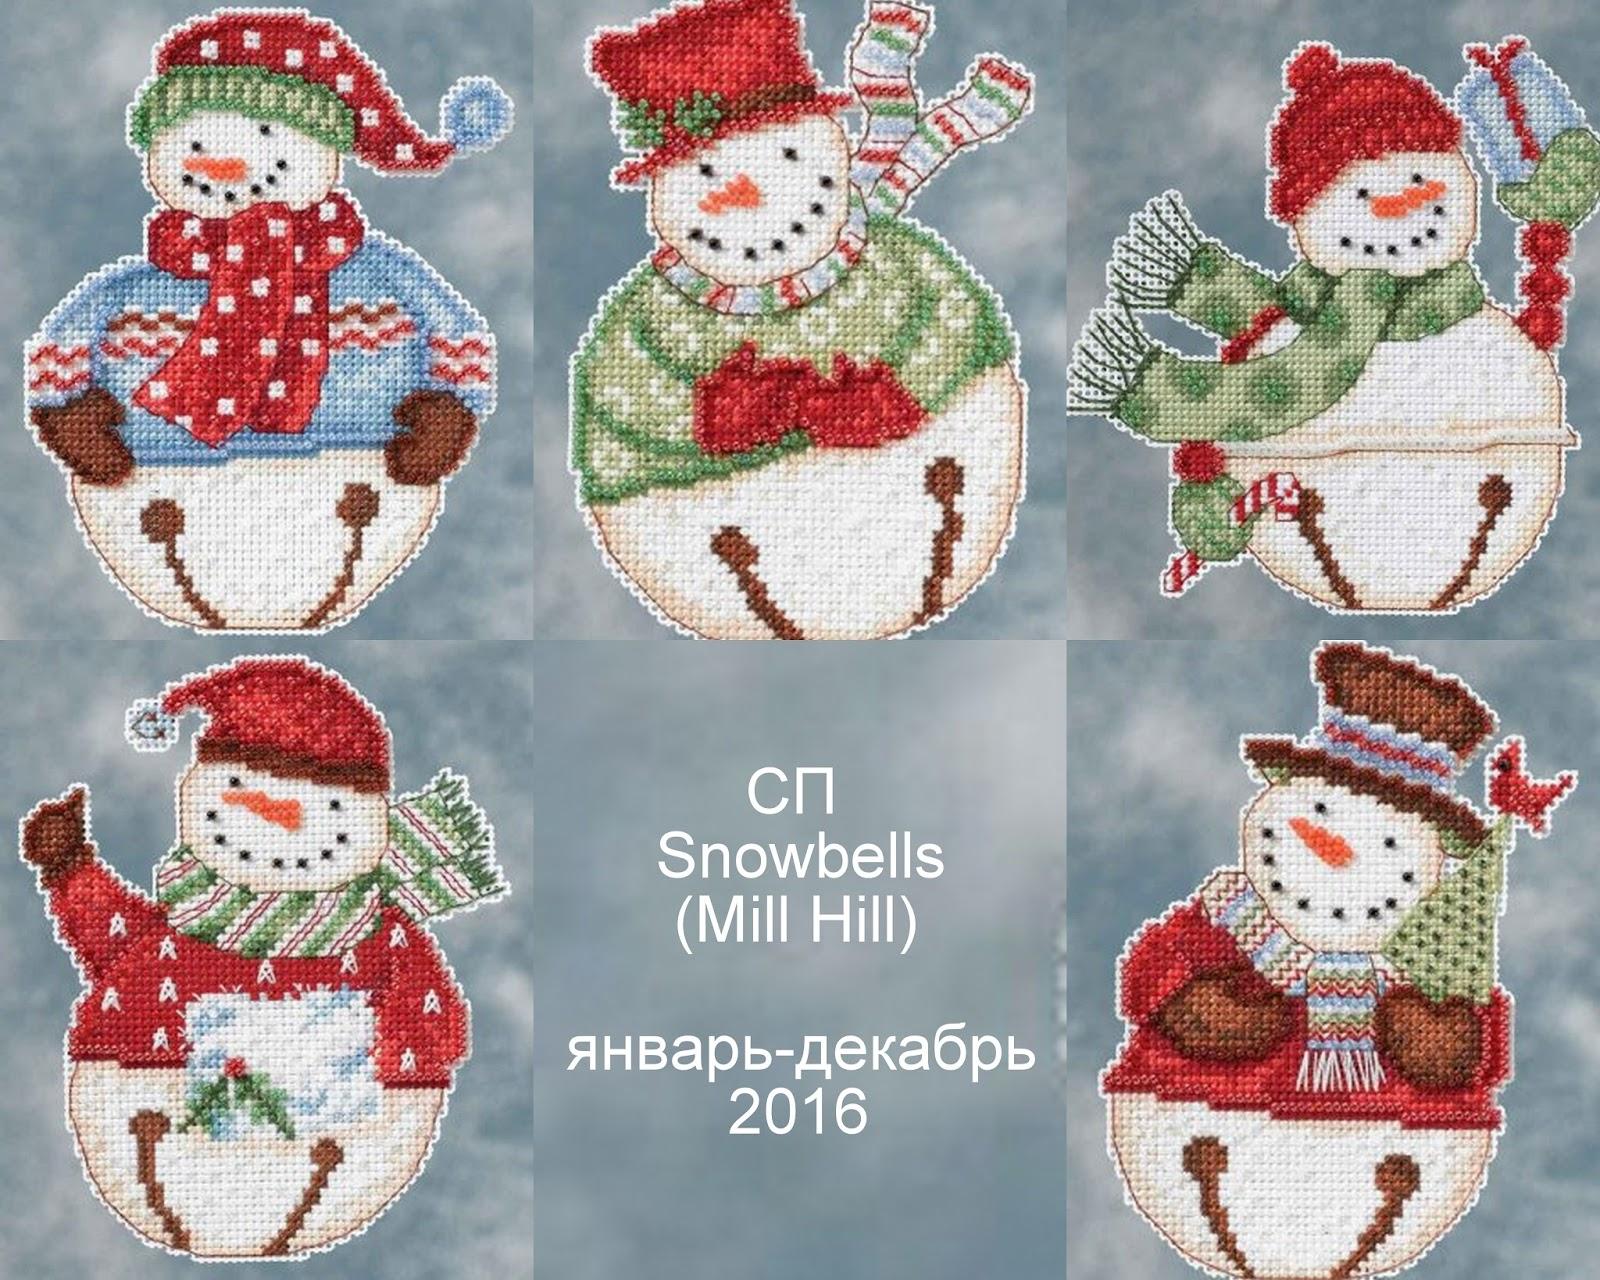 СП Snowbells